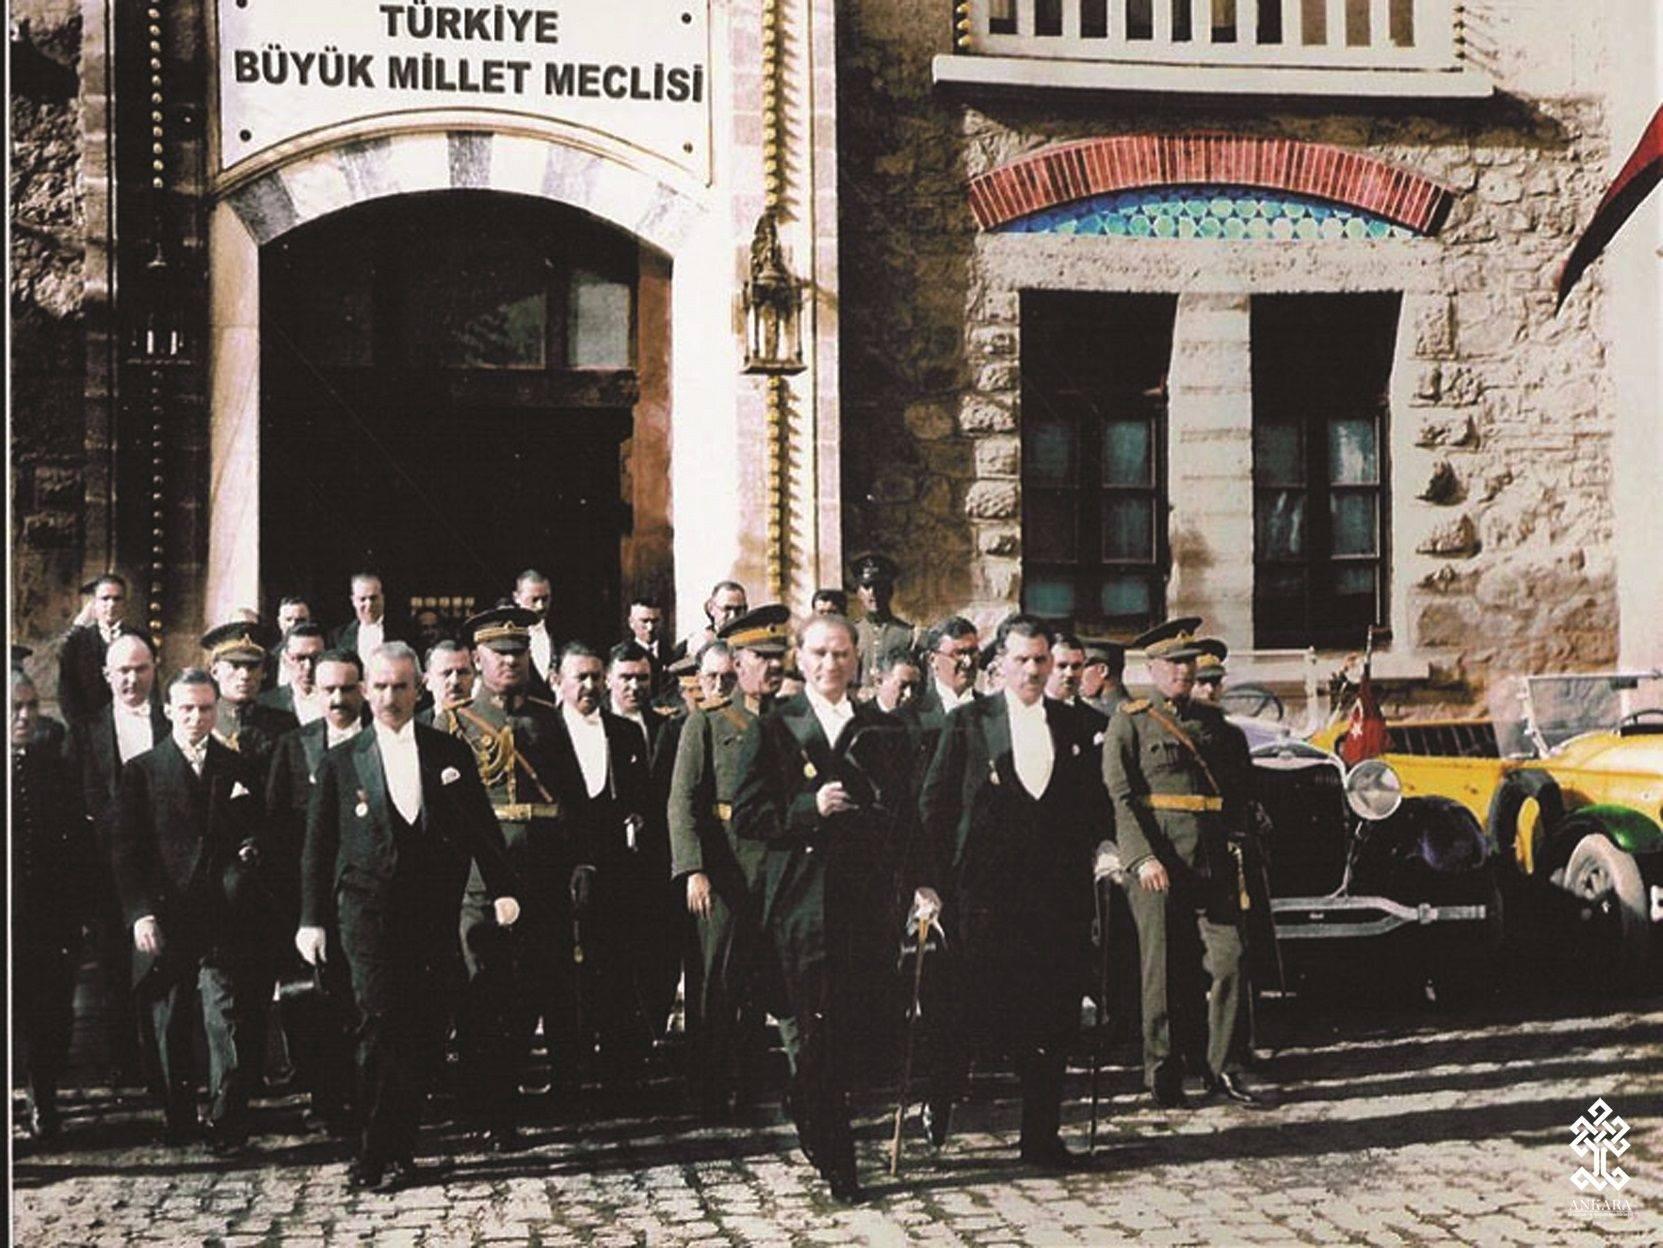 Ankara'nın Başkent oluşunun 94. yıldönümünü büyük bir mutlulukla kutluyoruz.